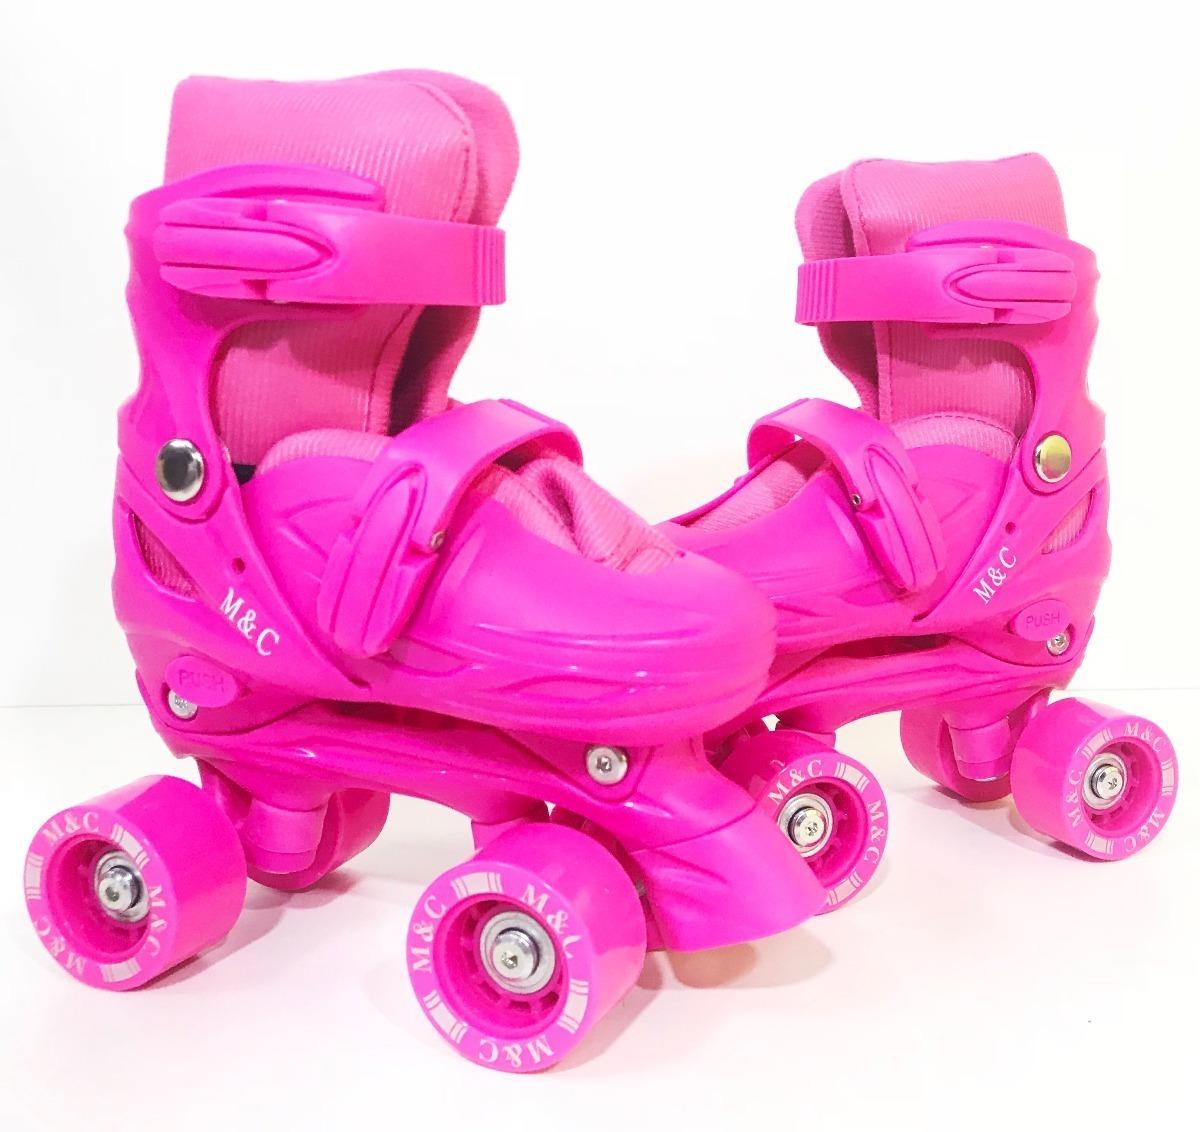 67ec64a50 patins infantil feminino + acessórios 4 rodas - roller. Carregando zoom.